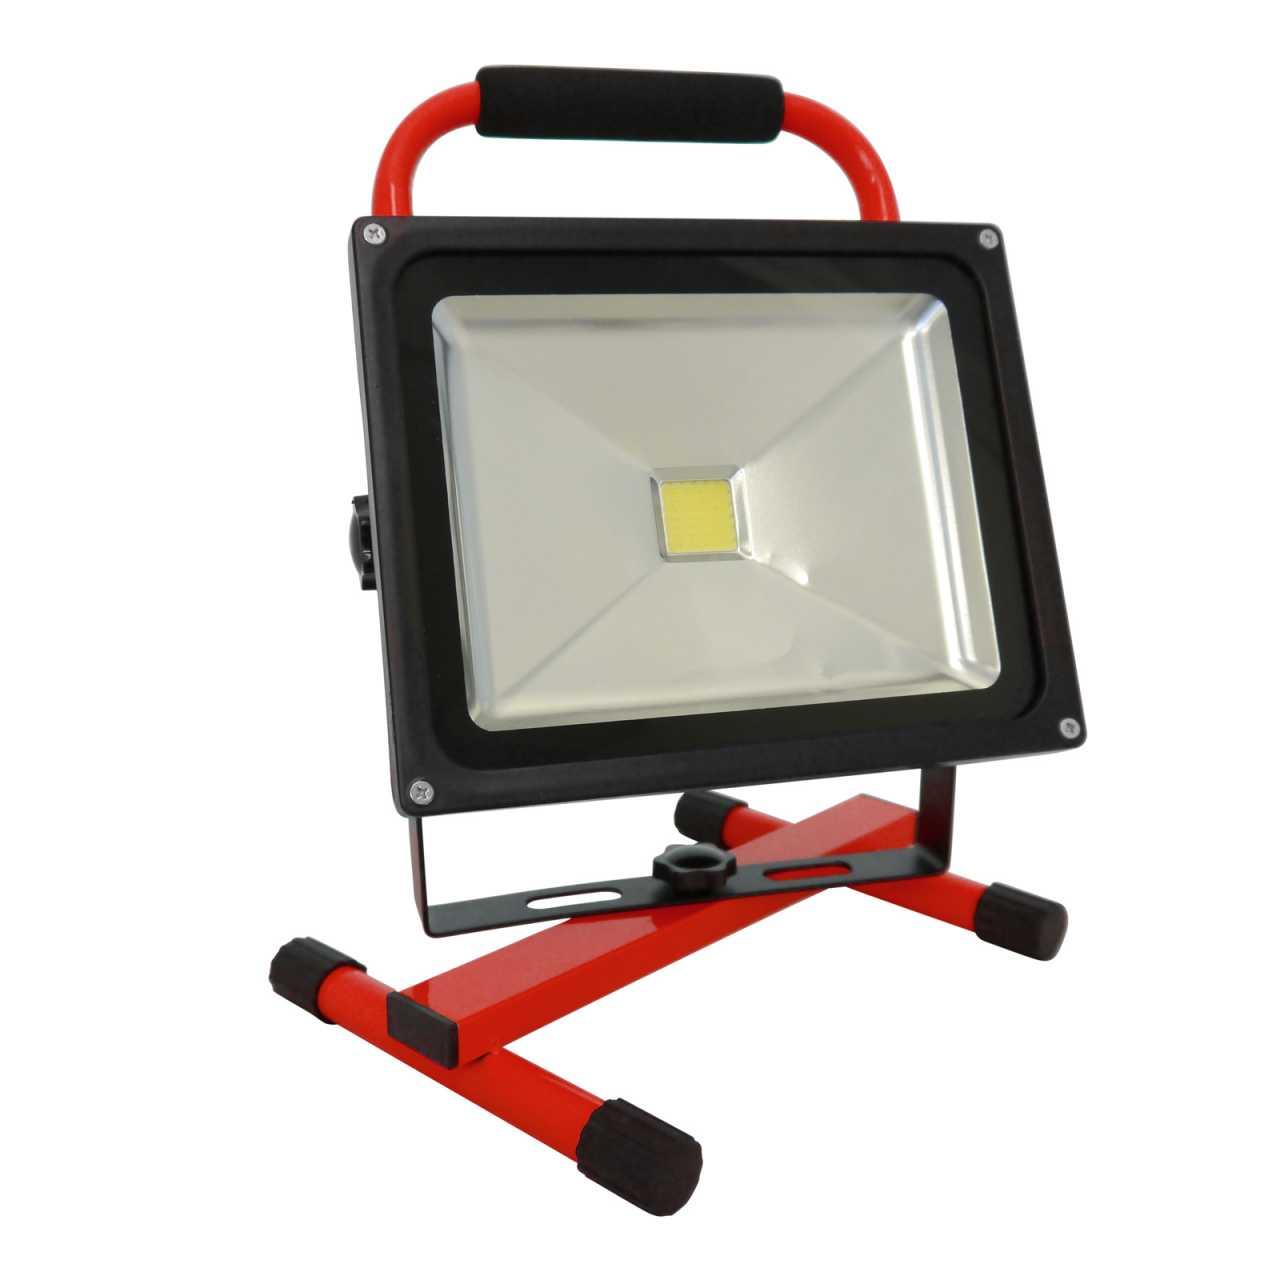 Grafner LED Baustrahler 30 Watt 8800 mAh Akku in Rot Flutlicht